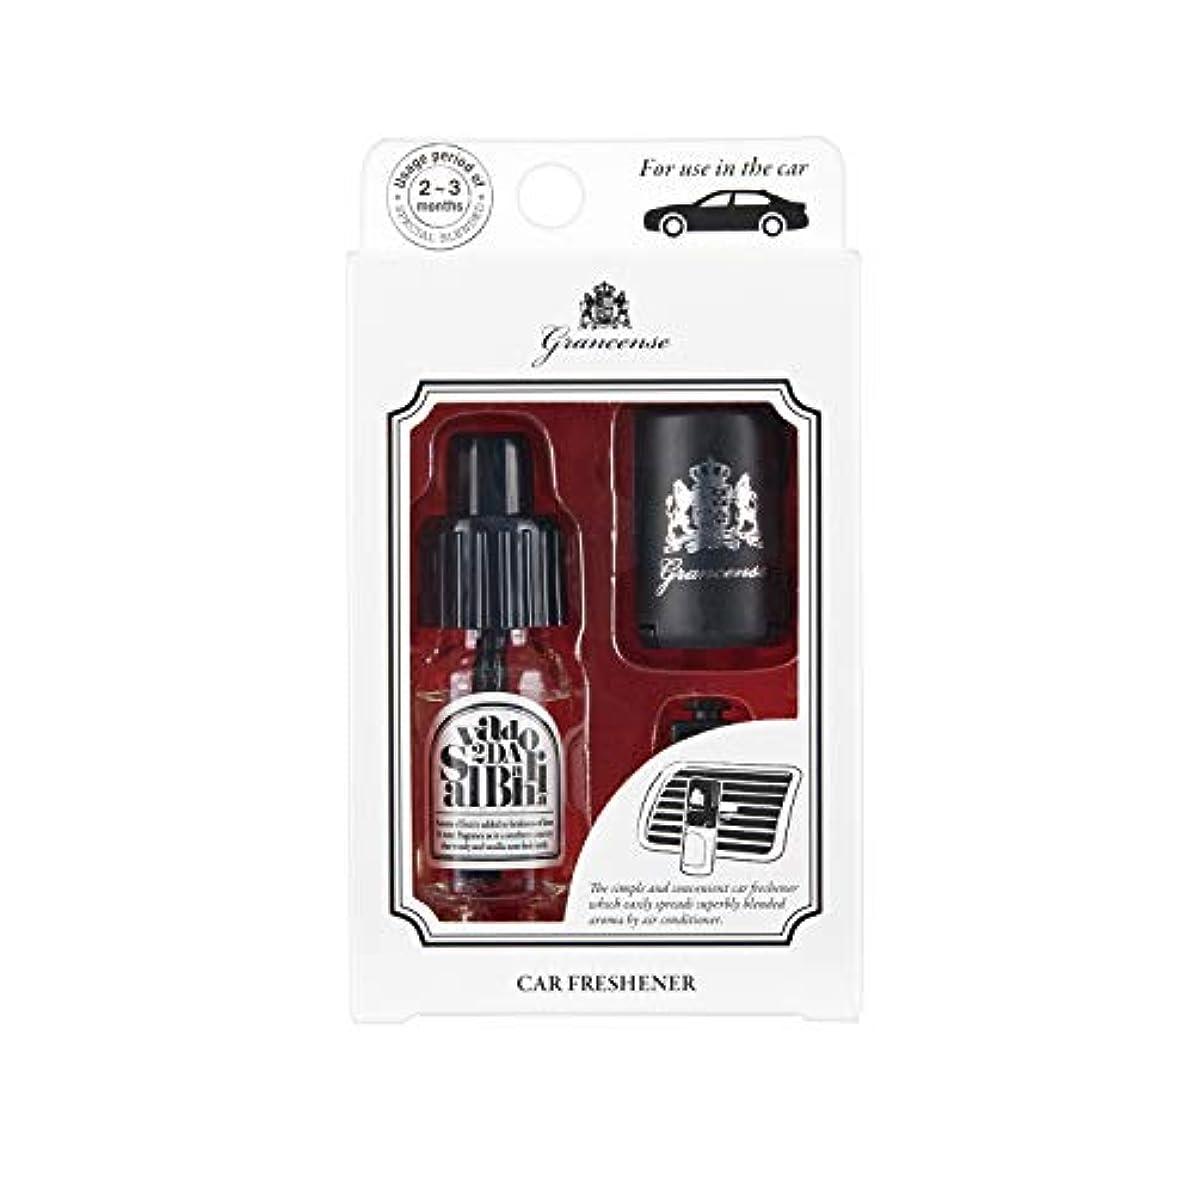 グランセンス カーフレッシュナー サルバドール 10mL (車用芳香剤 カーディフューザー 2-3ヶ月 日本製)